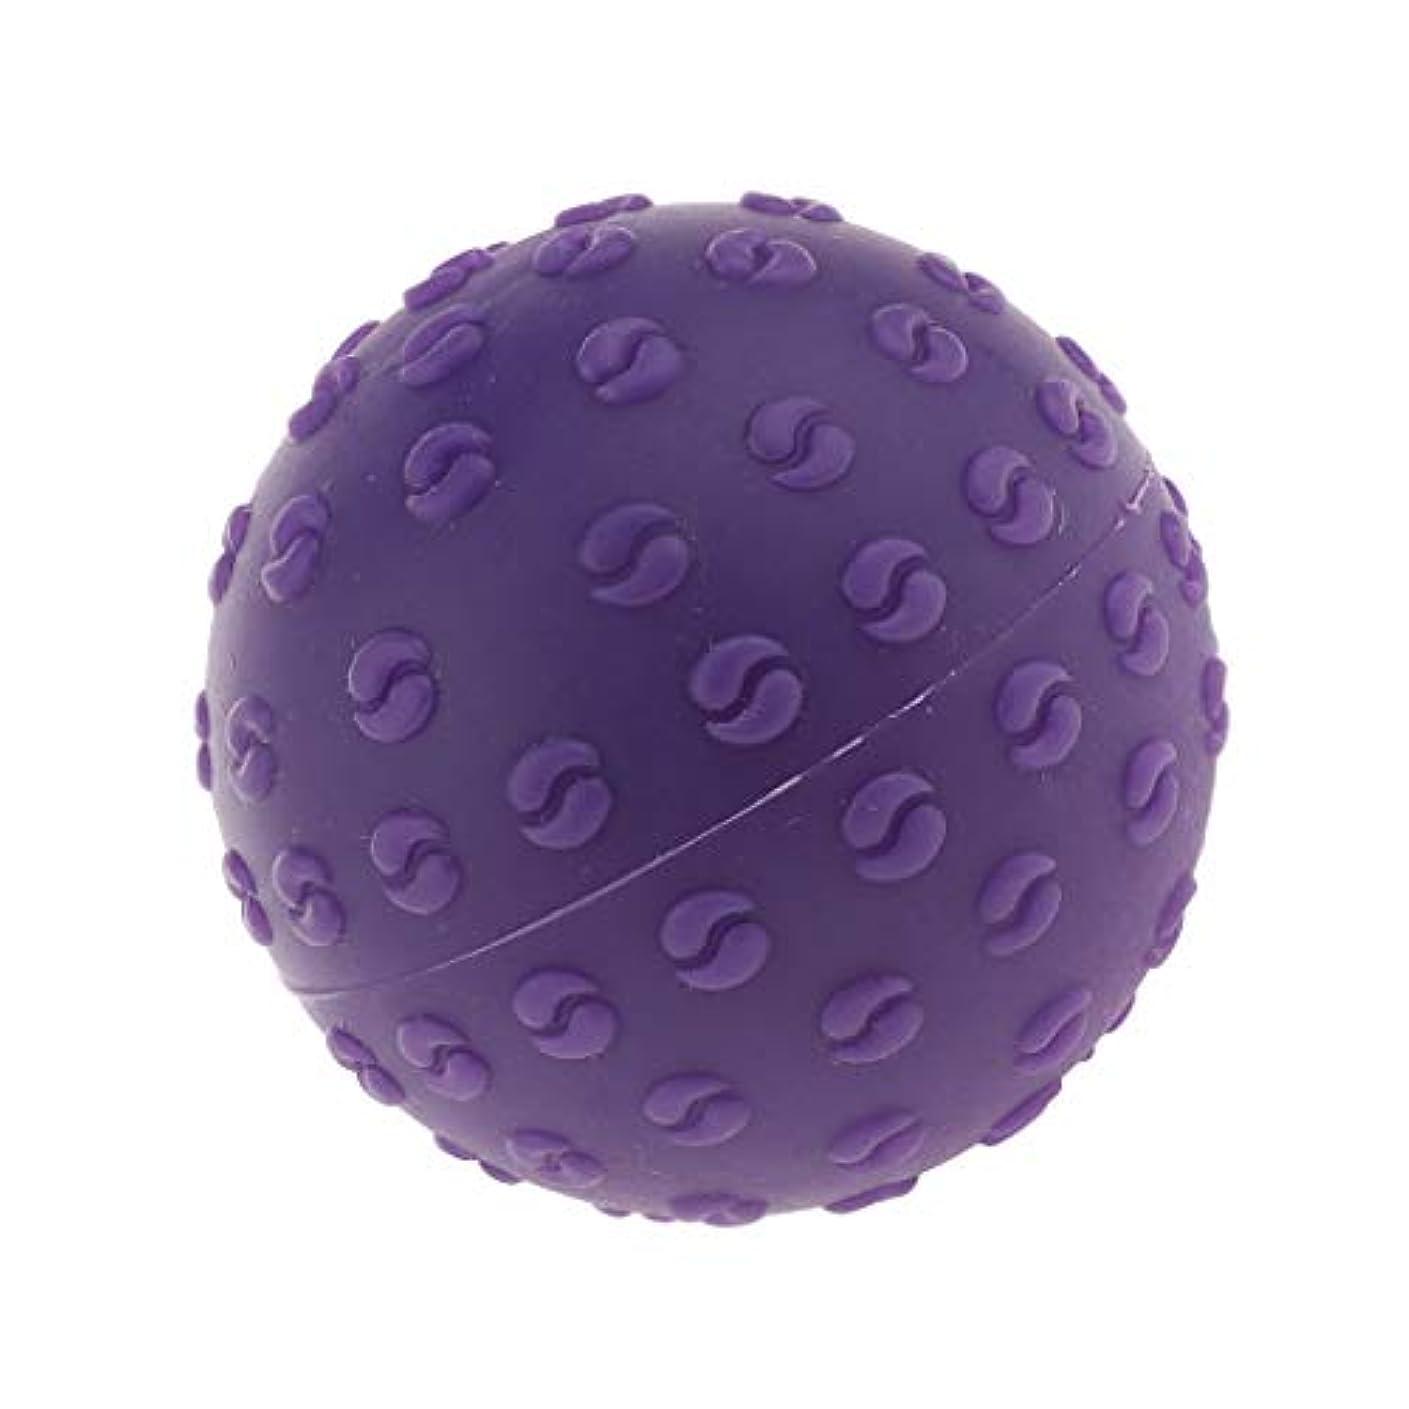 付属品誠意一晩CUTICATE マッサージボール 指圧ボール シリコーン トリガーポイント 足底筋膜炎 ヨガ マッサージ器 全6色 - 紫, 説明のとおり